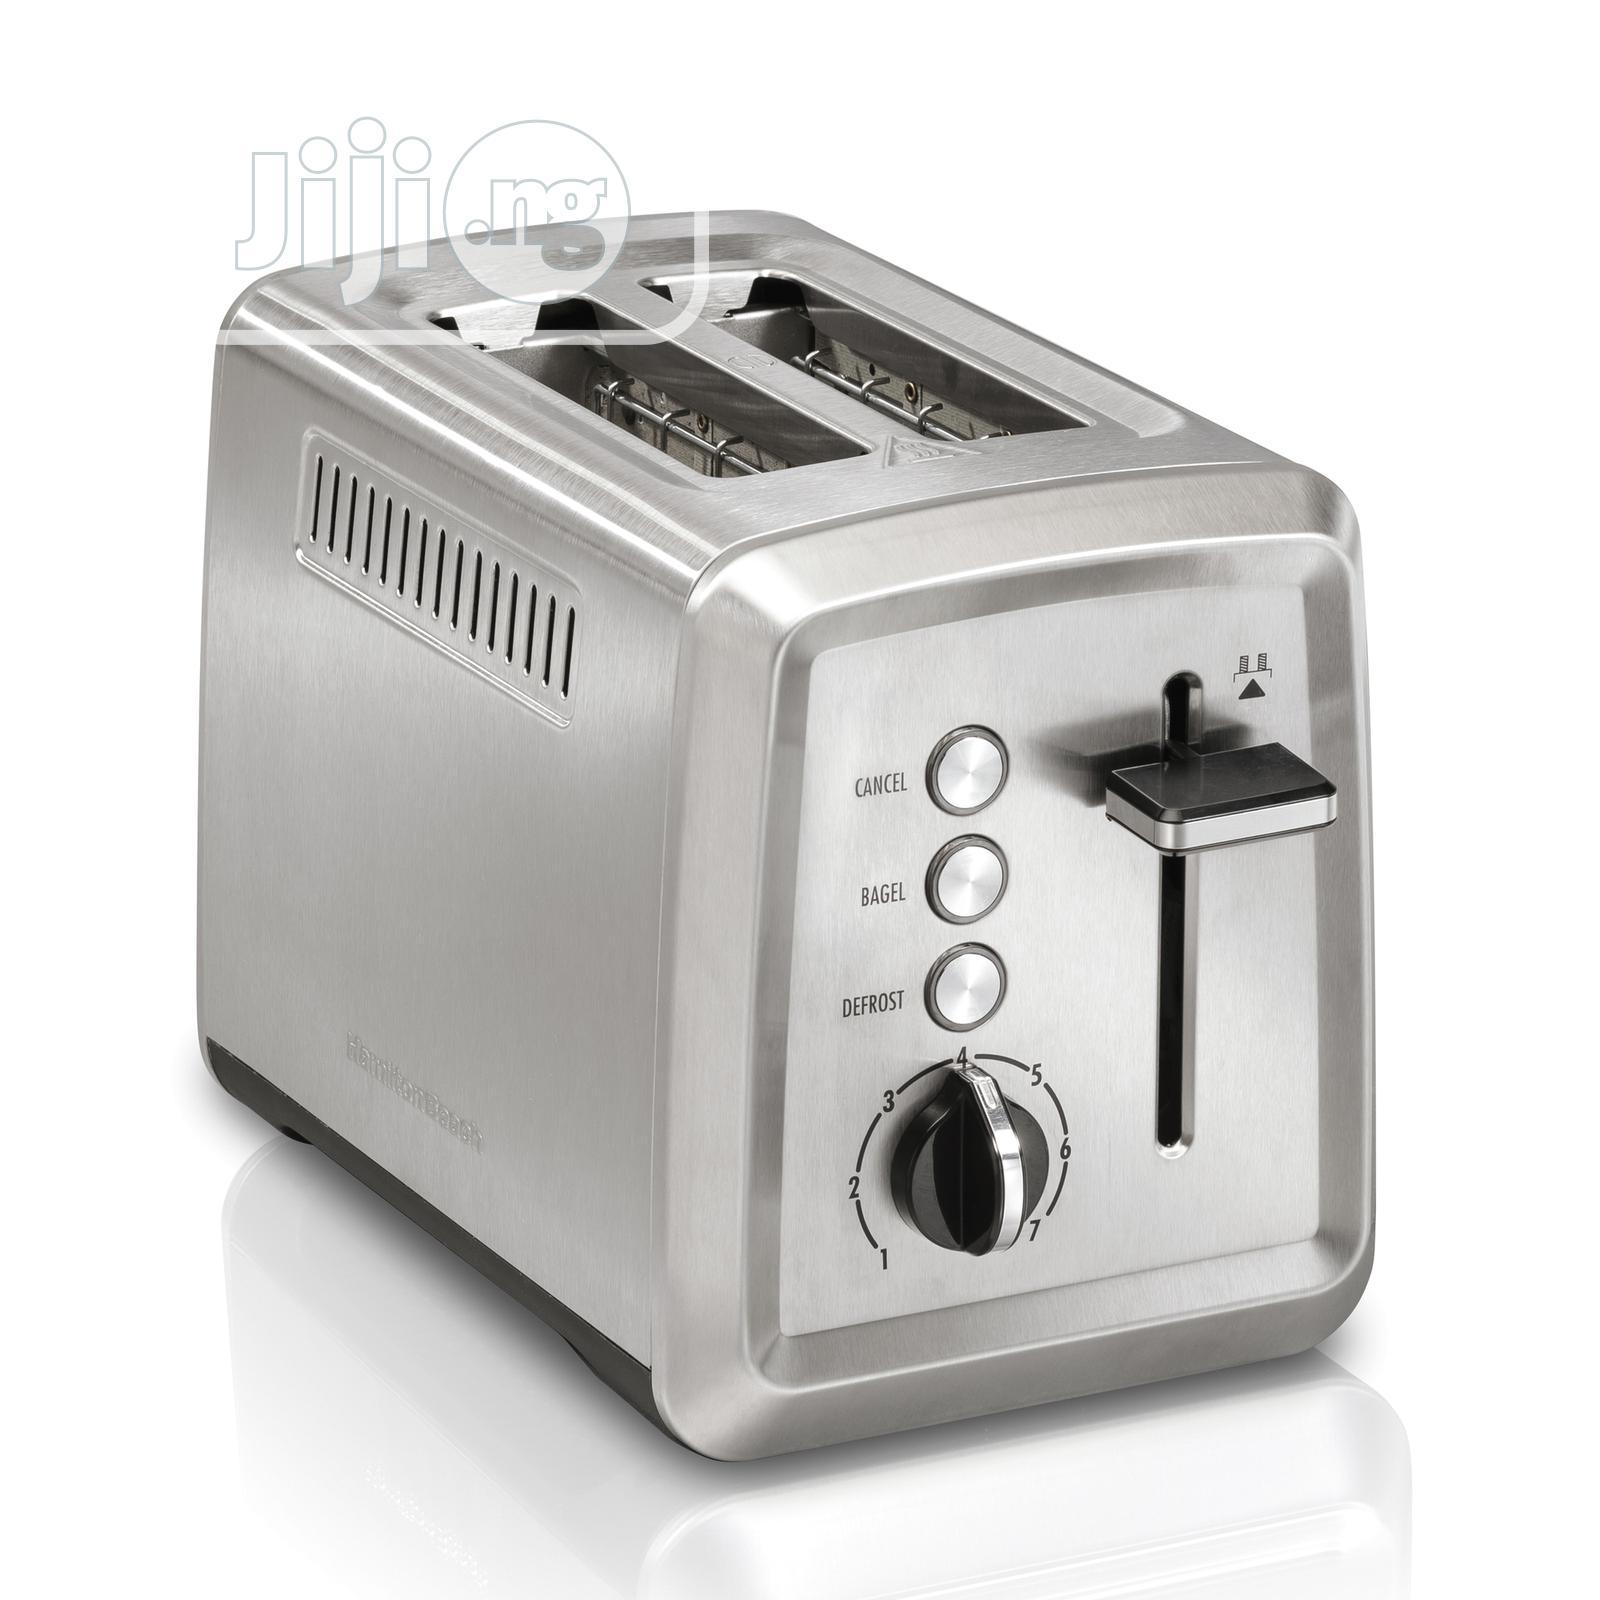 Hamilton Beach Toaster | Kitchen Appliances for sale in Isolo, Lagos State, Nigeria